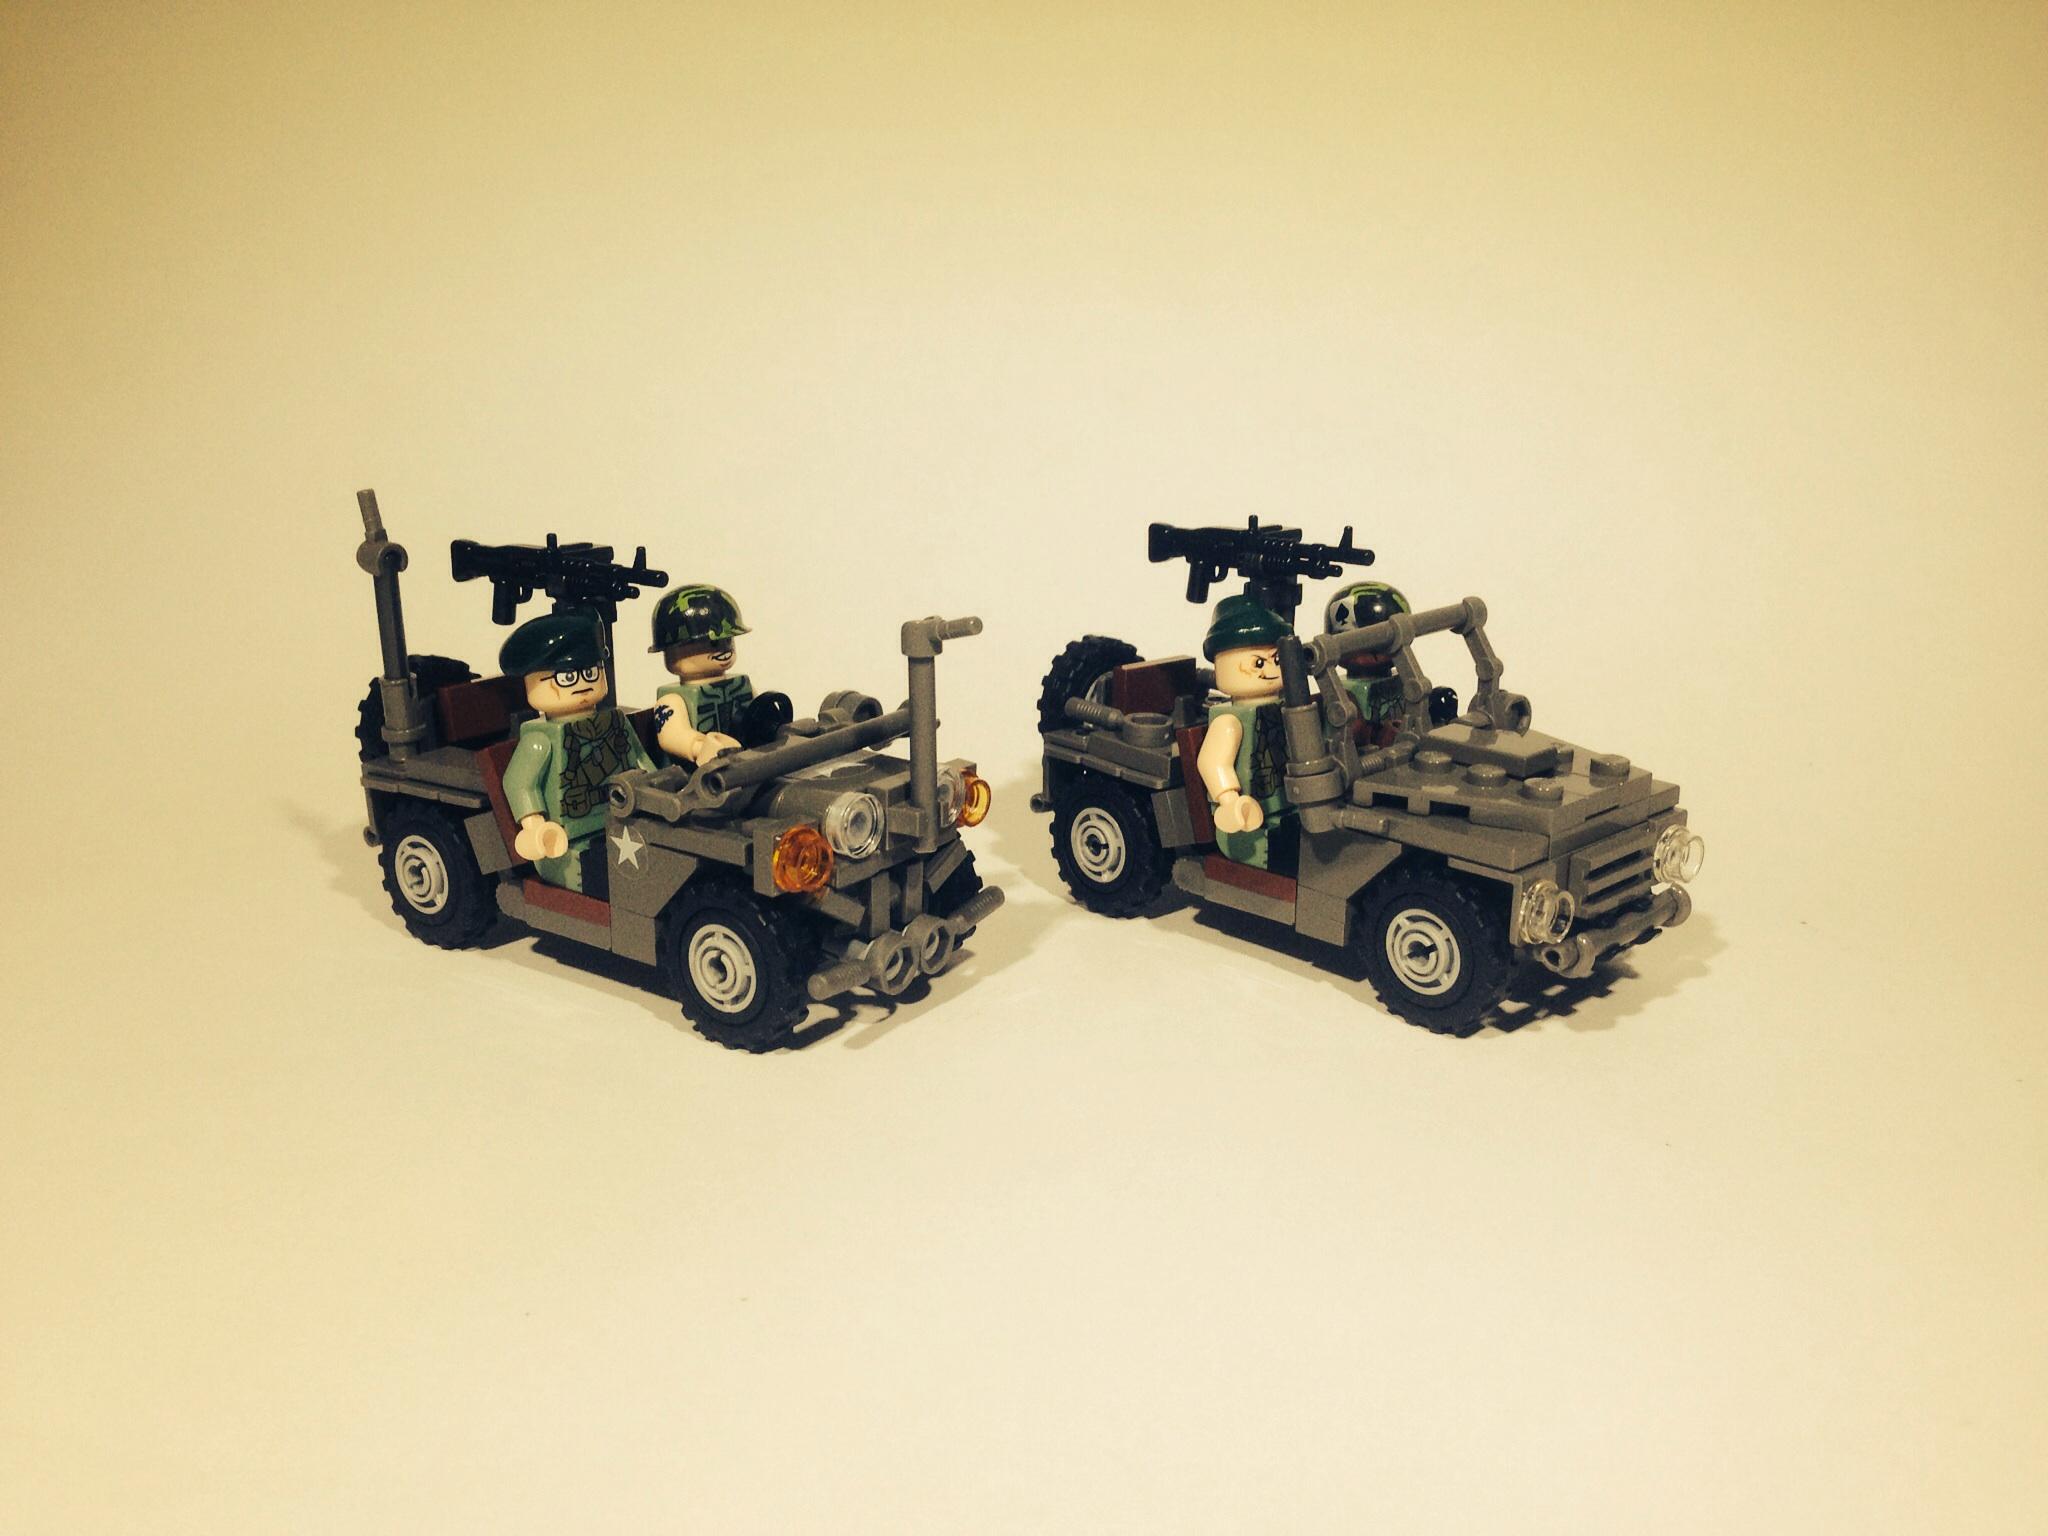 デスクトップ壁紙 Usmc Google 突然 ジープ 軍事 Mg Pa アメリカ人 車両 バ 名前 特別部隊 ベトナムワール Mightymite Googleimages M151 カスタムレゴ レゴモデル 煉瓦 Legojeep レトロ ミリタリー ベトナム戦争 レゴカスタム M422 現代軍